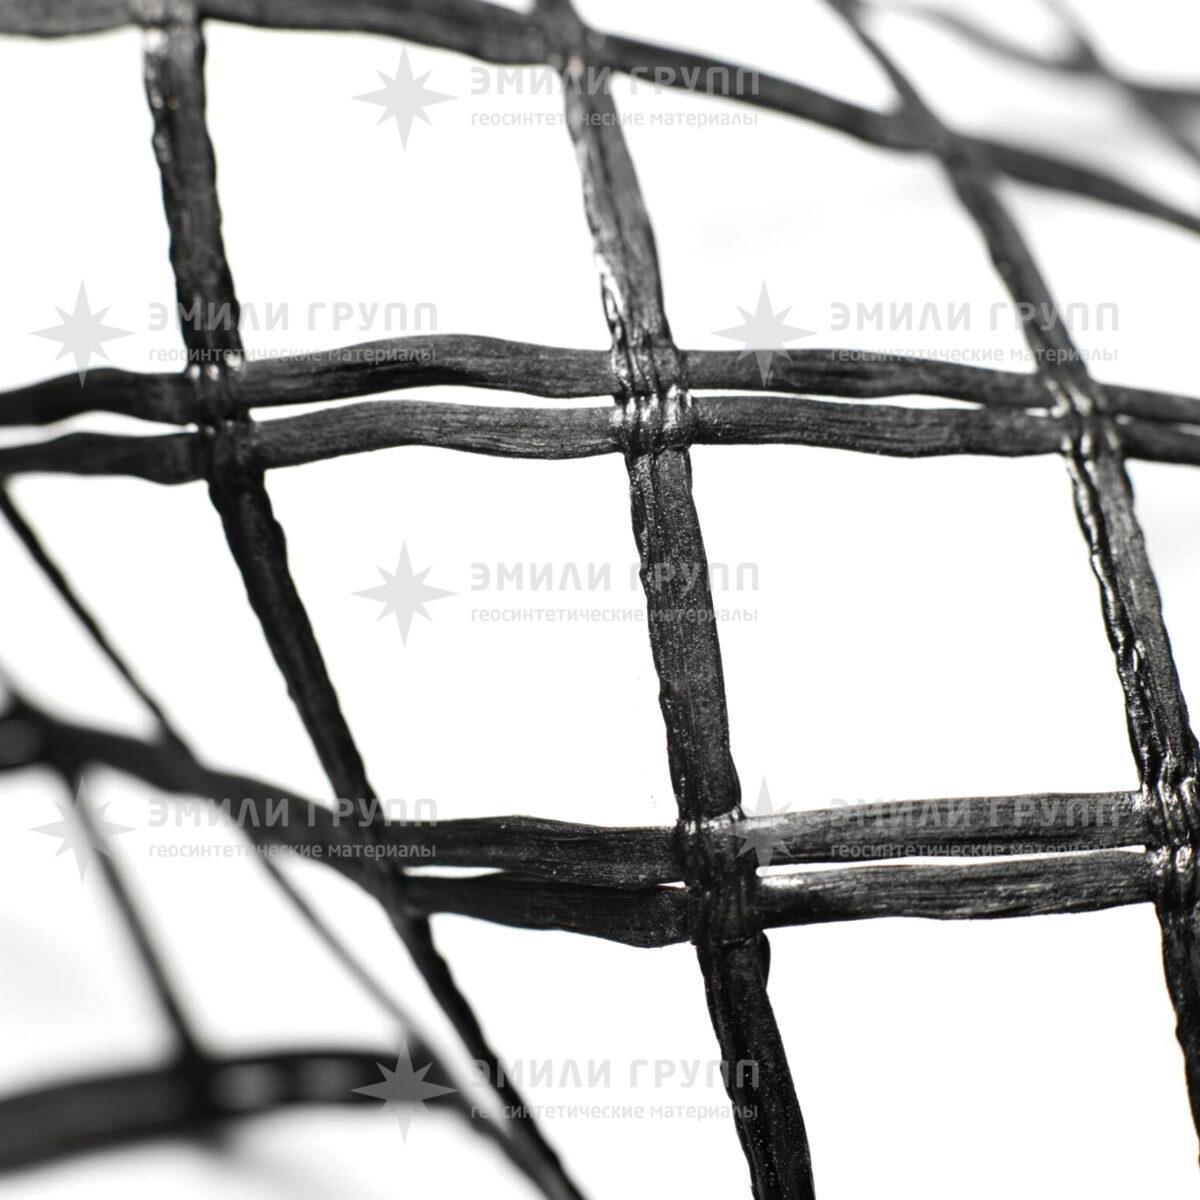 Геосетка стеклянная из стекловолокна ЭМИСЕТ ССНП от ЭМИЛИ Групп